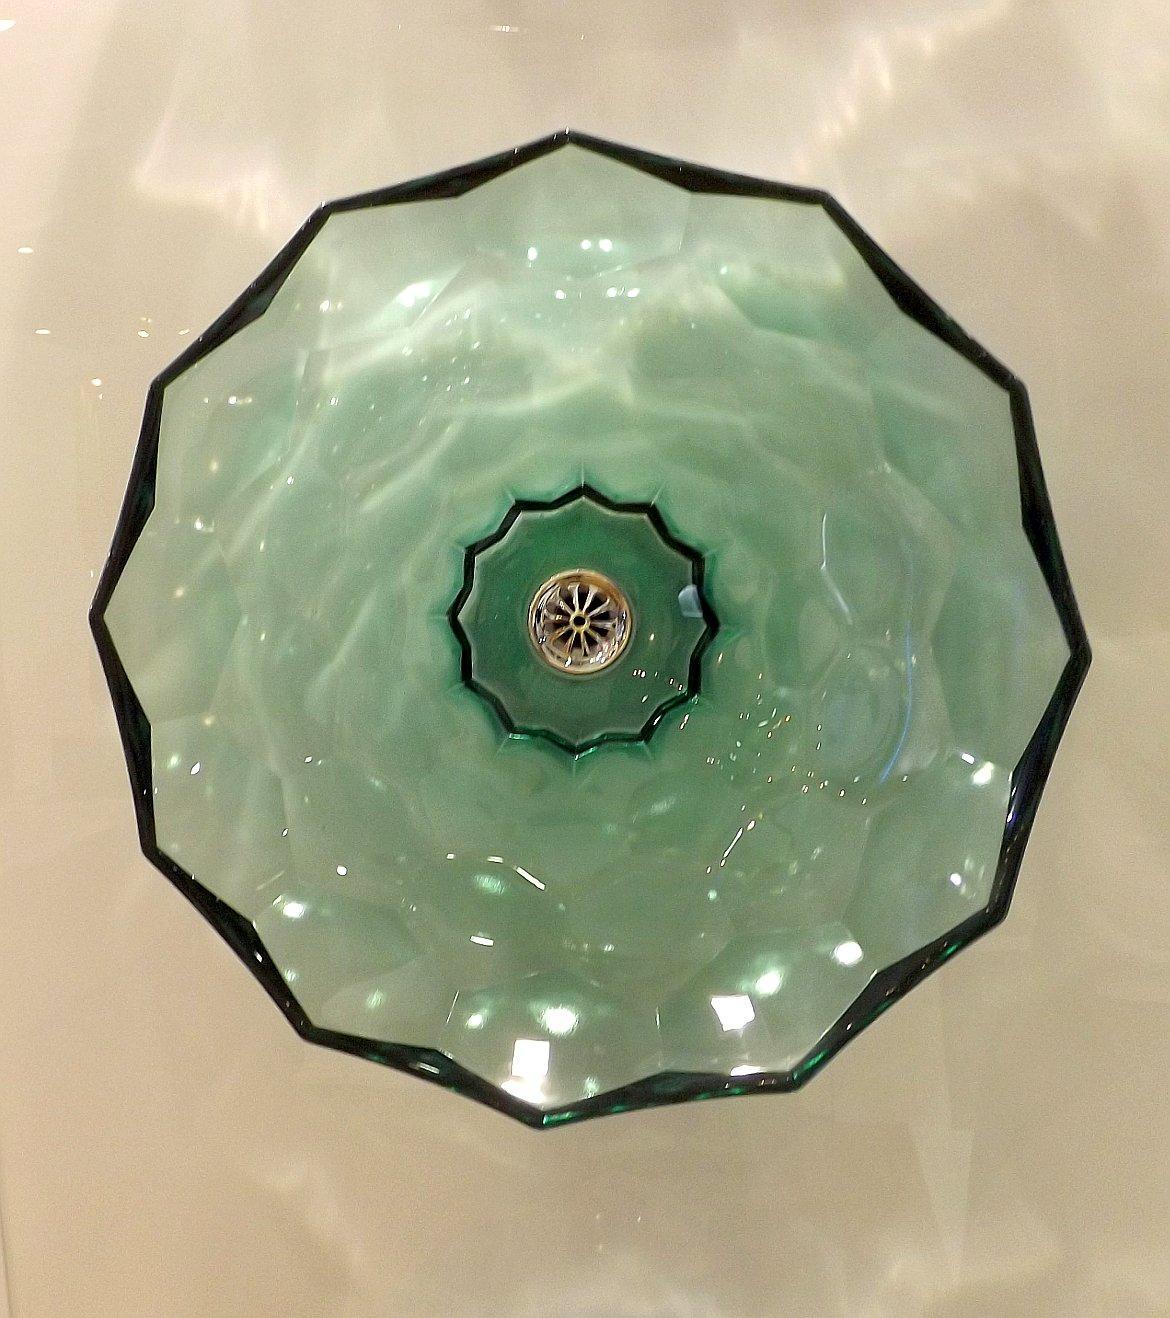 Модные тренды сантехники и аксессуаров для ванной 2016: прозрачная чаша умывальника на экспозиции от Jacob Delafon и Kohler во время выставки MosBuild